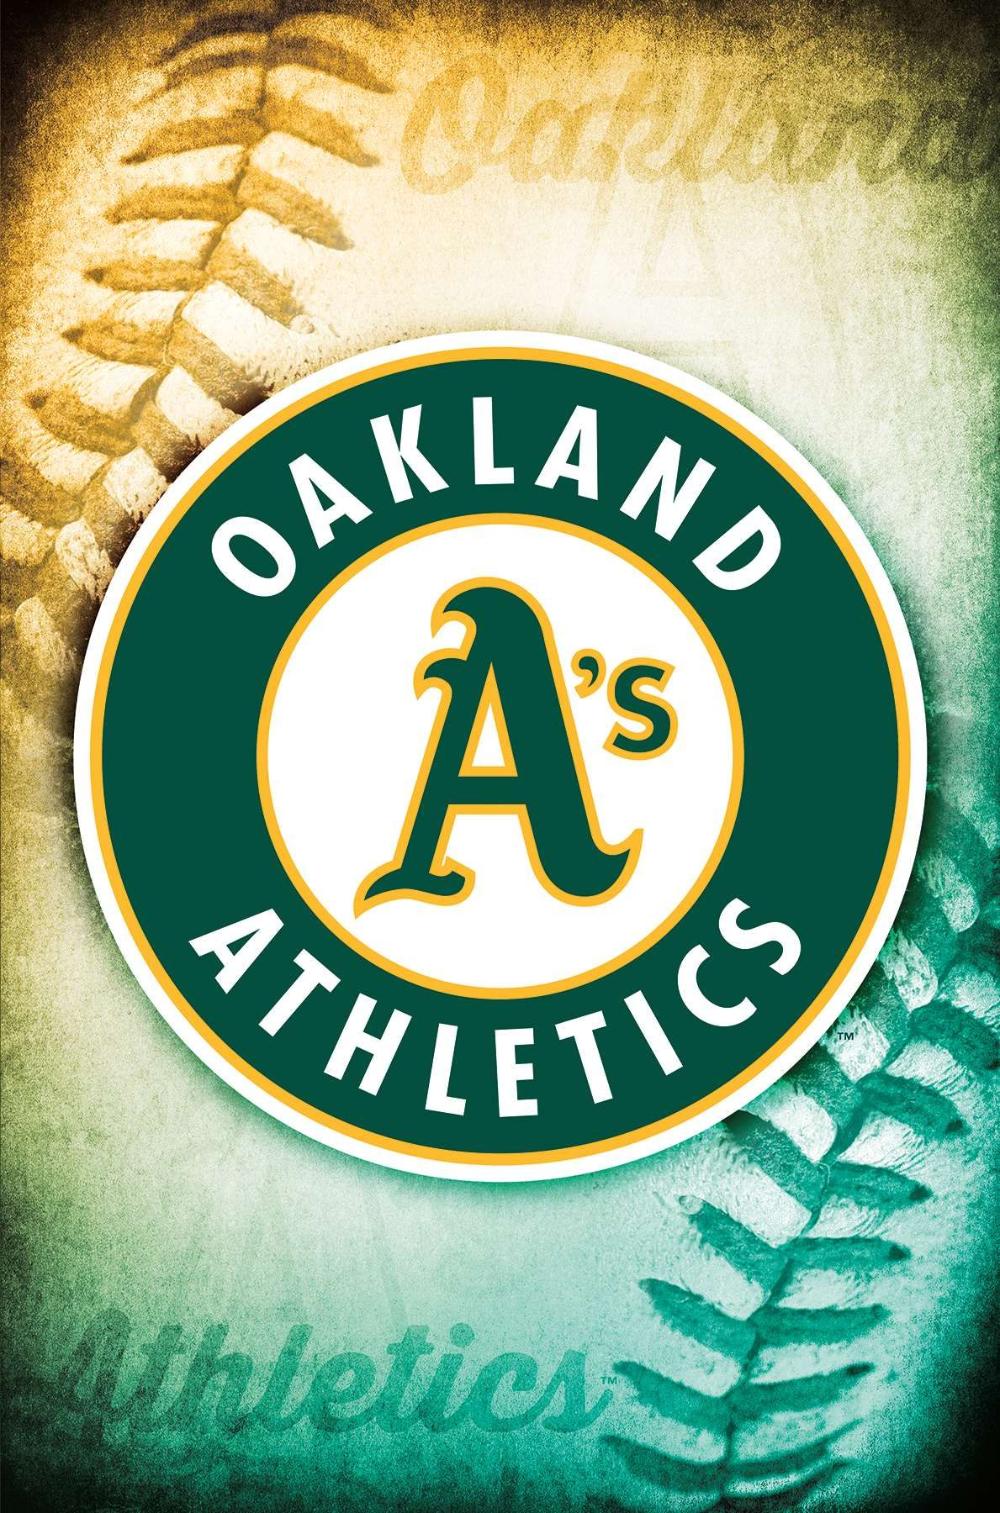 Mlb Oakland Athletics Logo In 2020 Athletics Logo Mlb Logos Oakland Athletics